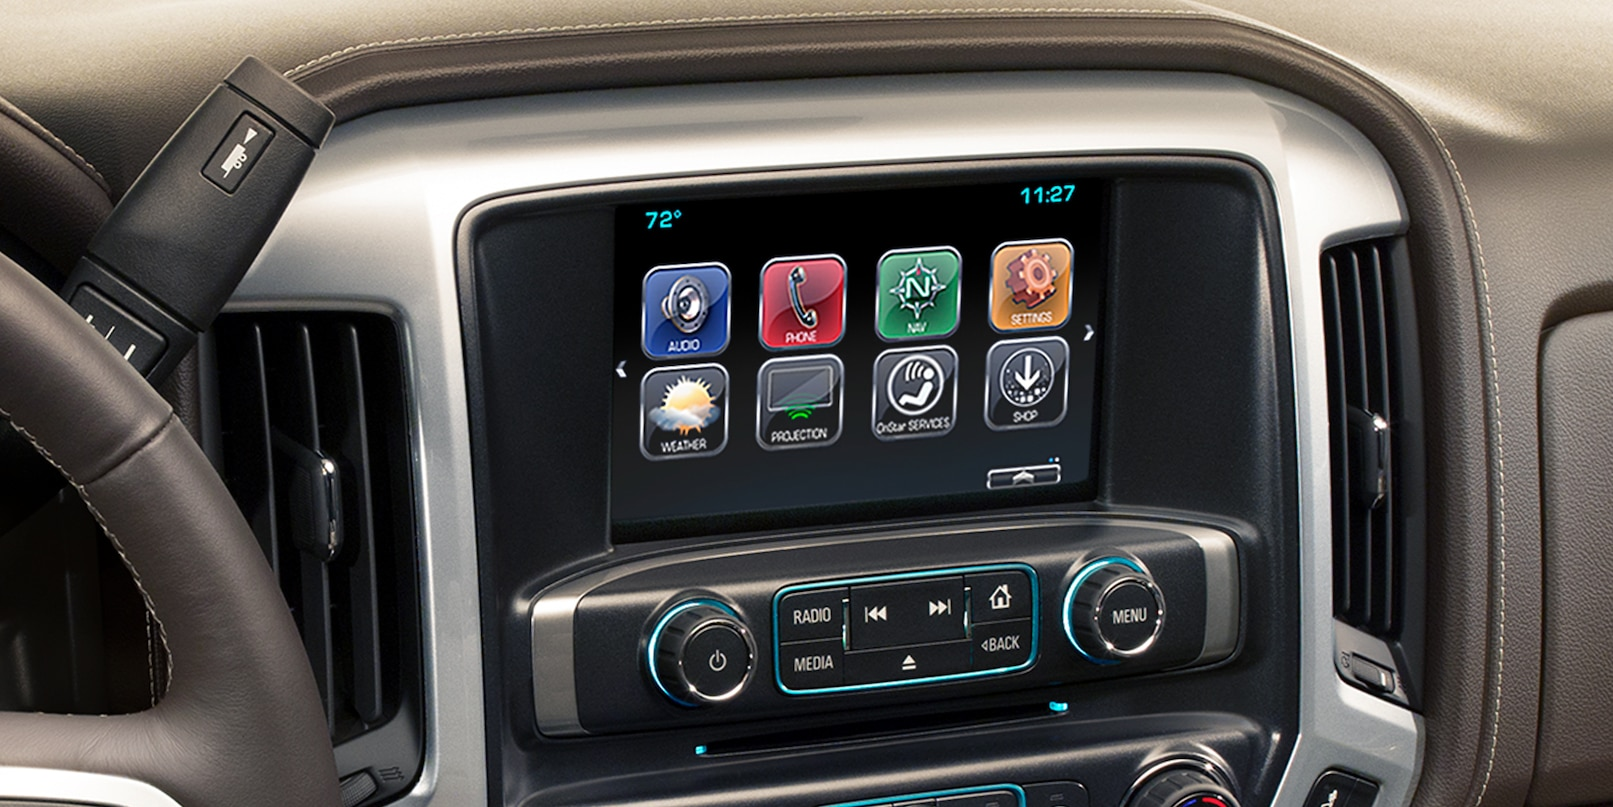 High-Tech Features in the Silverado 1500